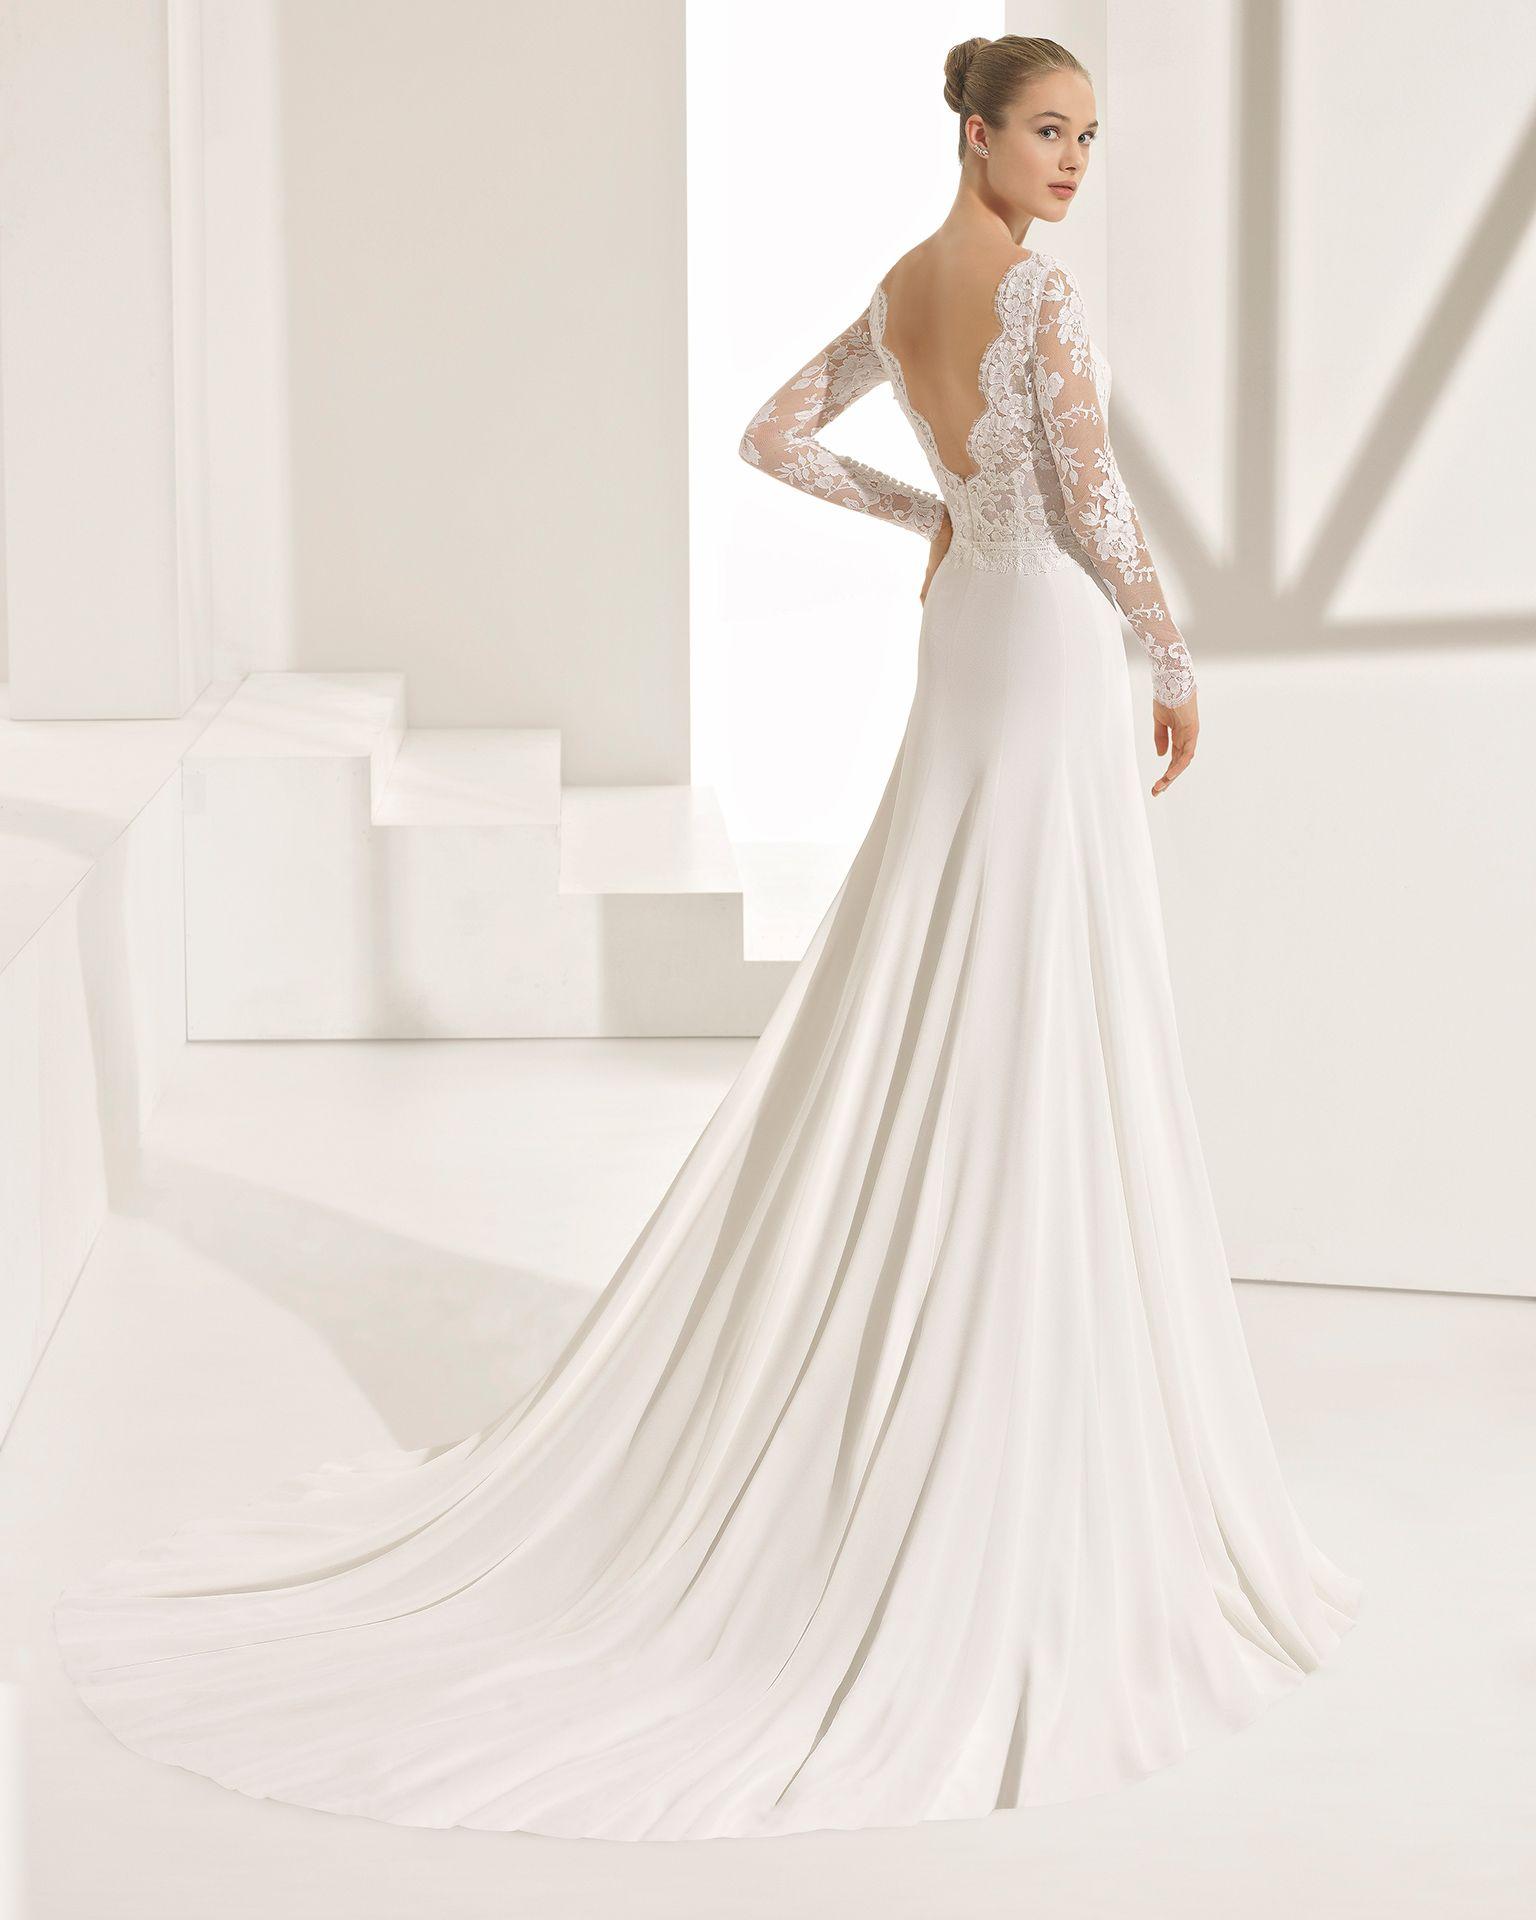 90a3e5768 Vestido de novia estilo evasé de encaje y georgette de manga larga